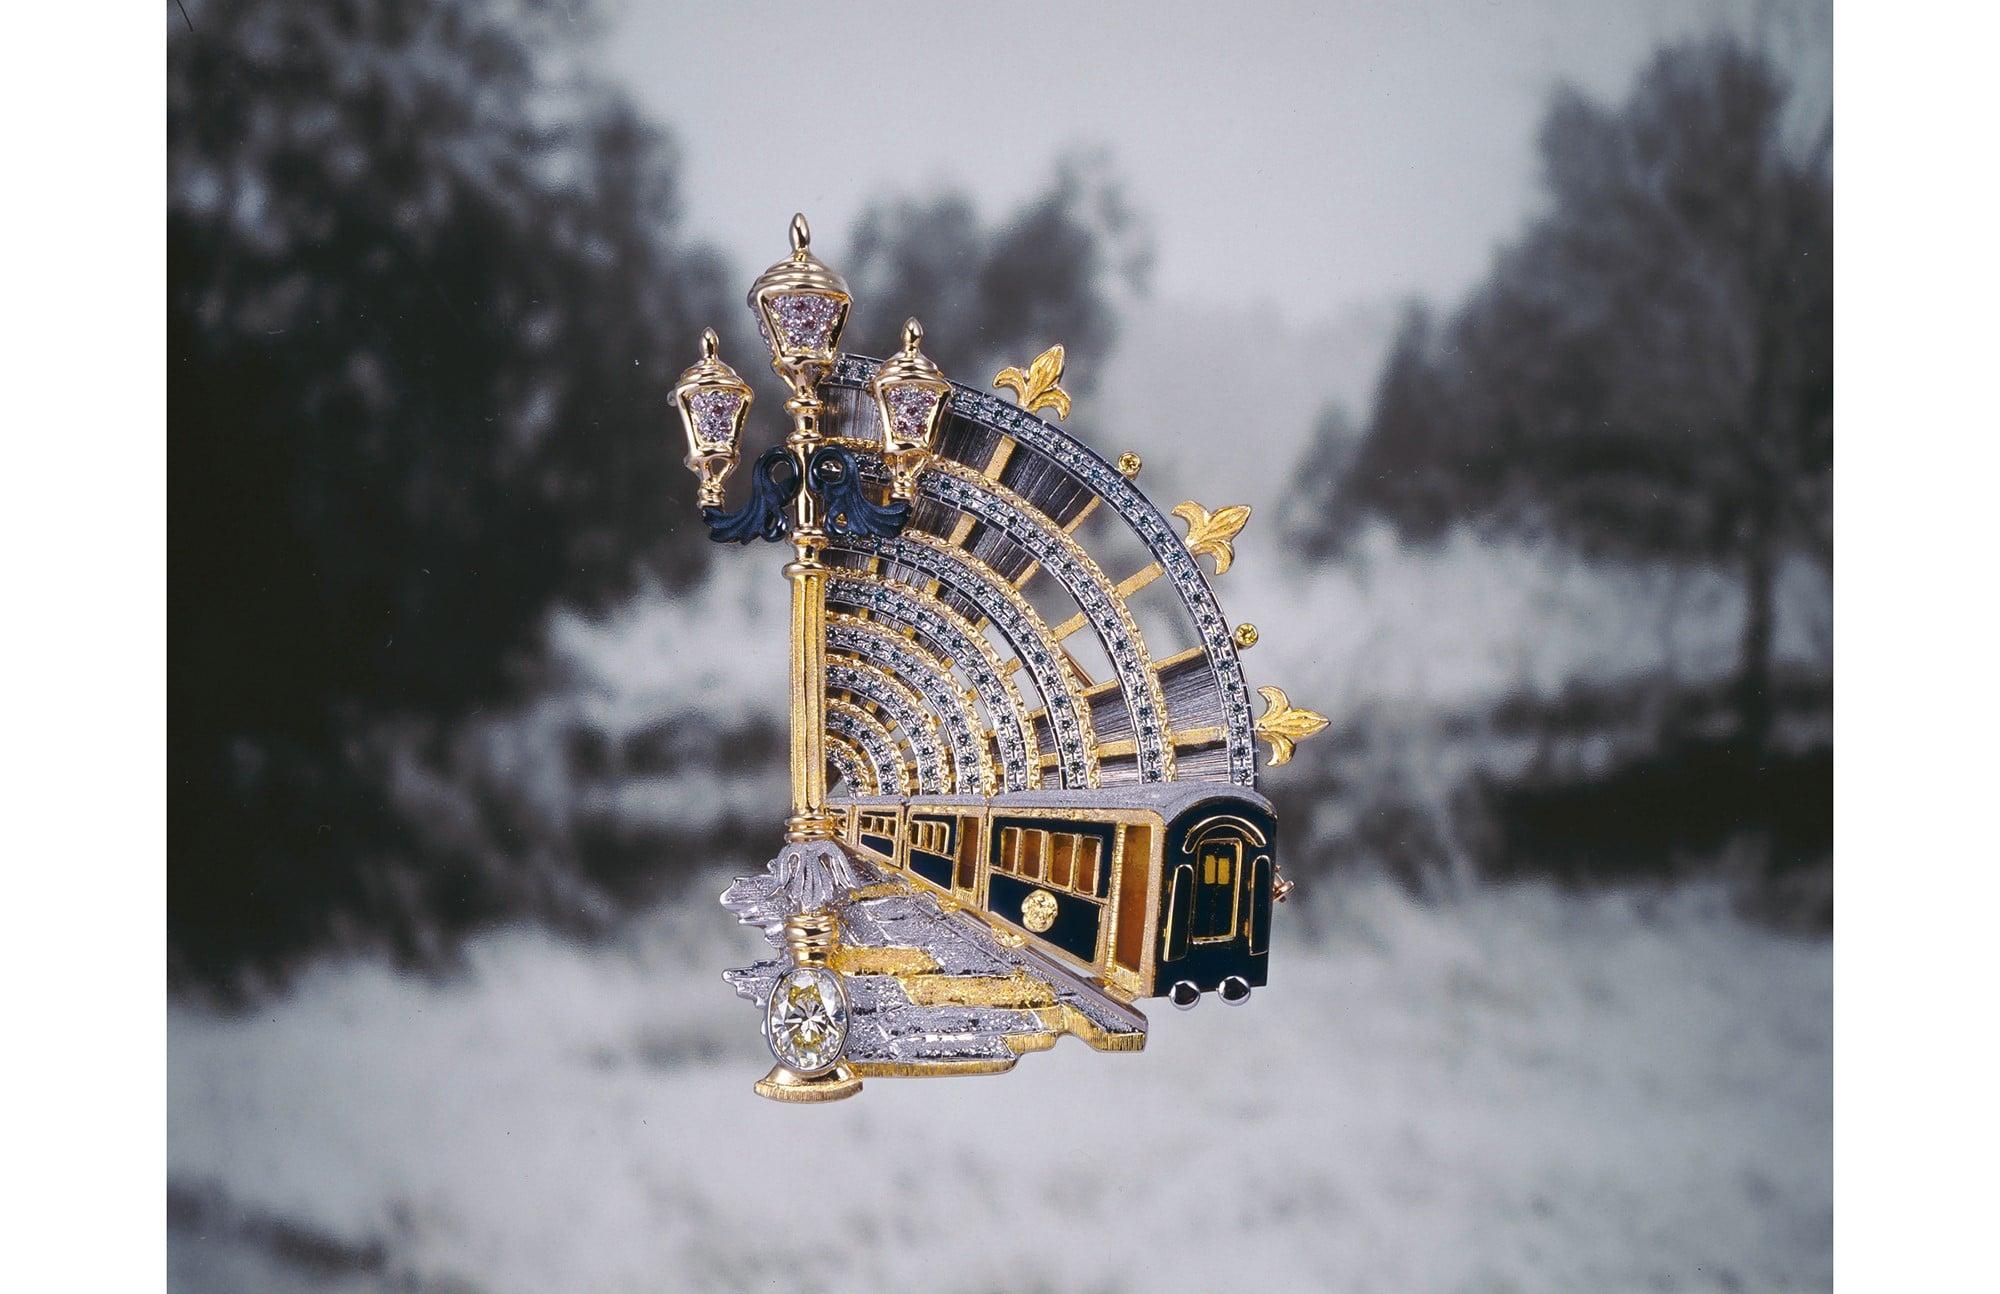 「ヨーロッパ城紀行」シリーズ。2つの都市をつなぐオリエント急行を題材に、列車、ベニスのガス燈や石畳、パリ・オルセー駅のアールデコ様式のドームを描写している。旅情を誘う作品。 「ベニスからパリへ」プローチ/ペンダント。K18イエローゴールド・Pt900・ダイヤモンド・赤銅・七宝。6,700,000円 税別(参考上代)